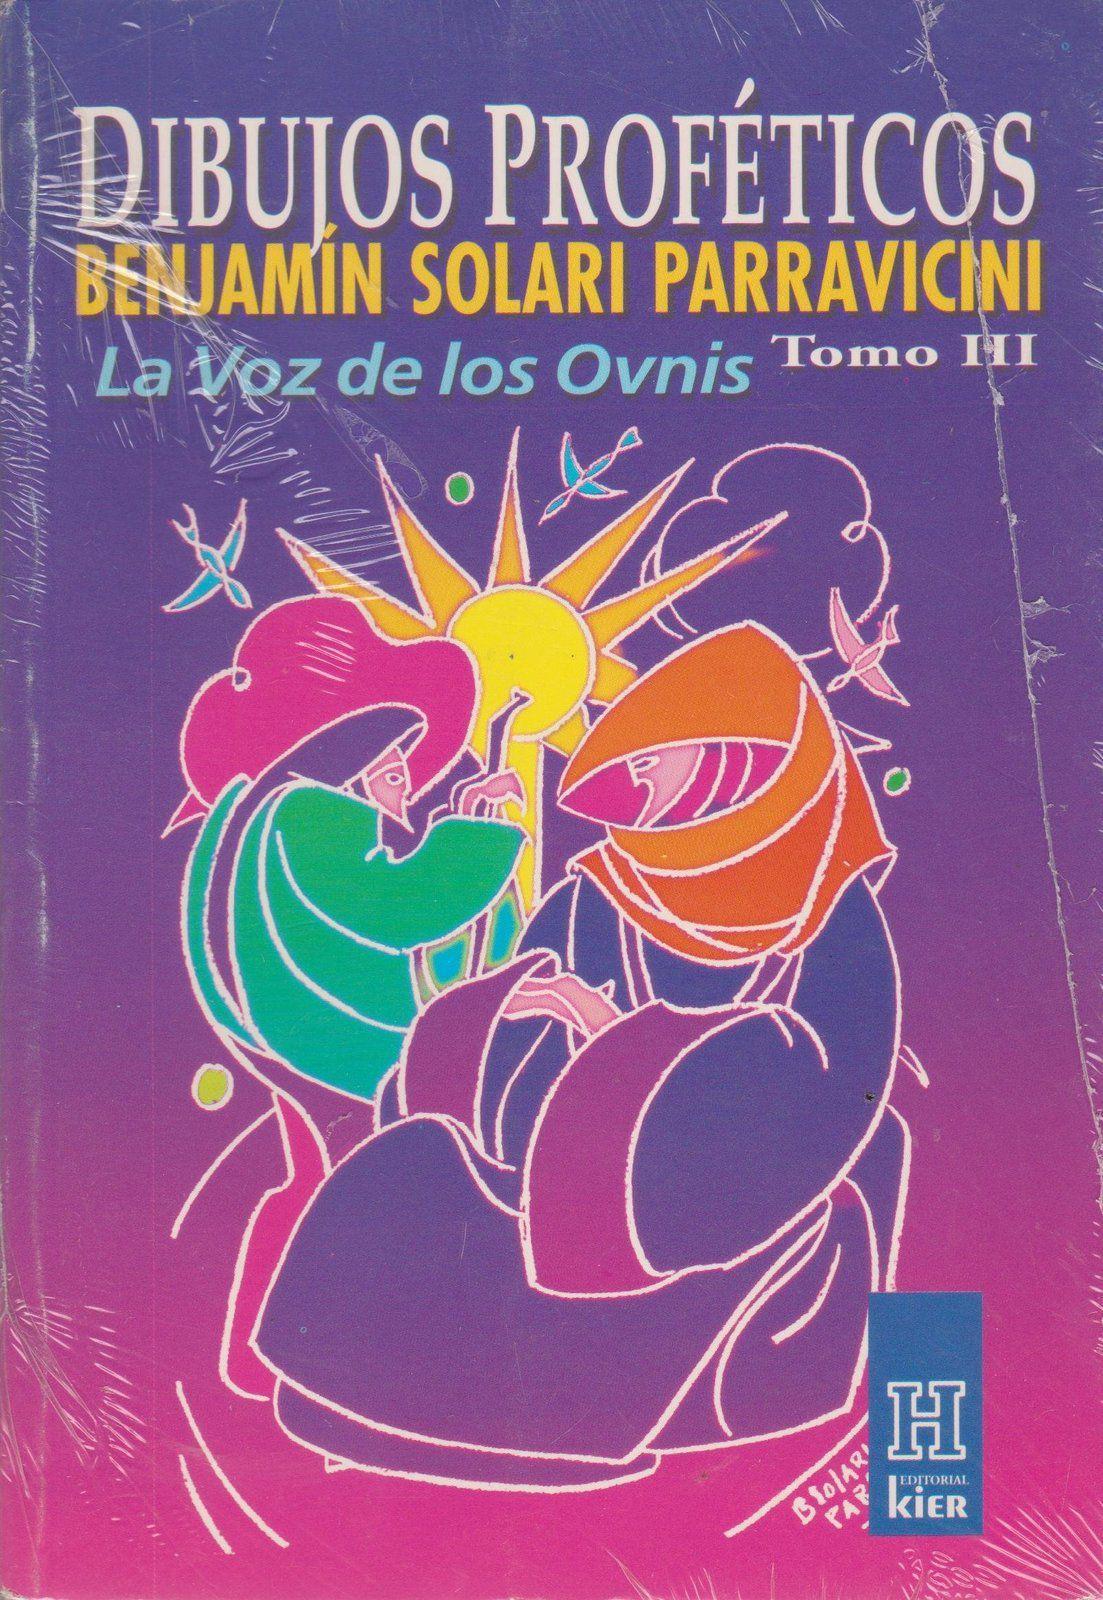 Descarga De Las Psicografias De Benjamin Solari Parravicini El Blog De Julio Blog Los Ovnis Pdf Libros